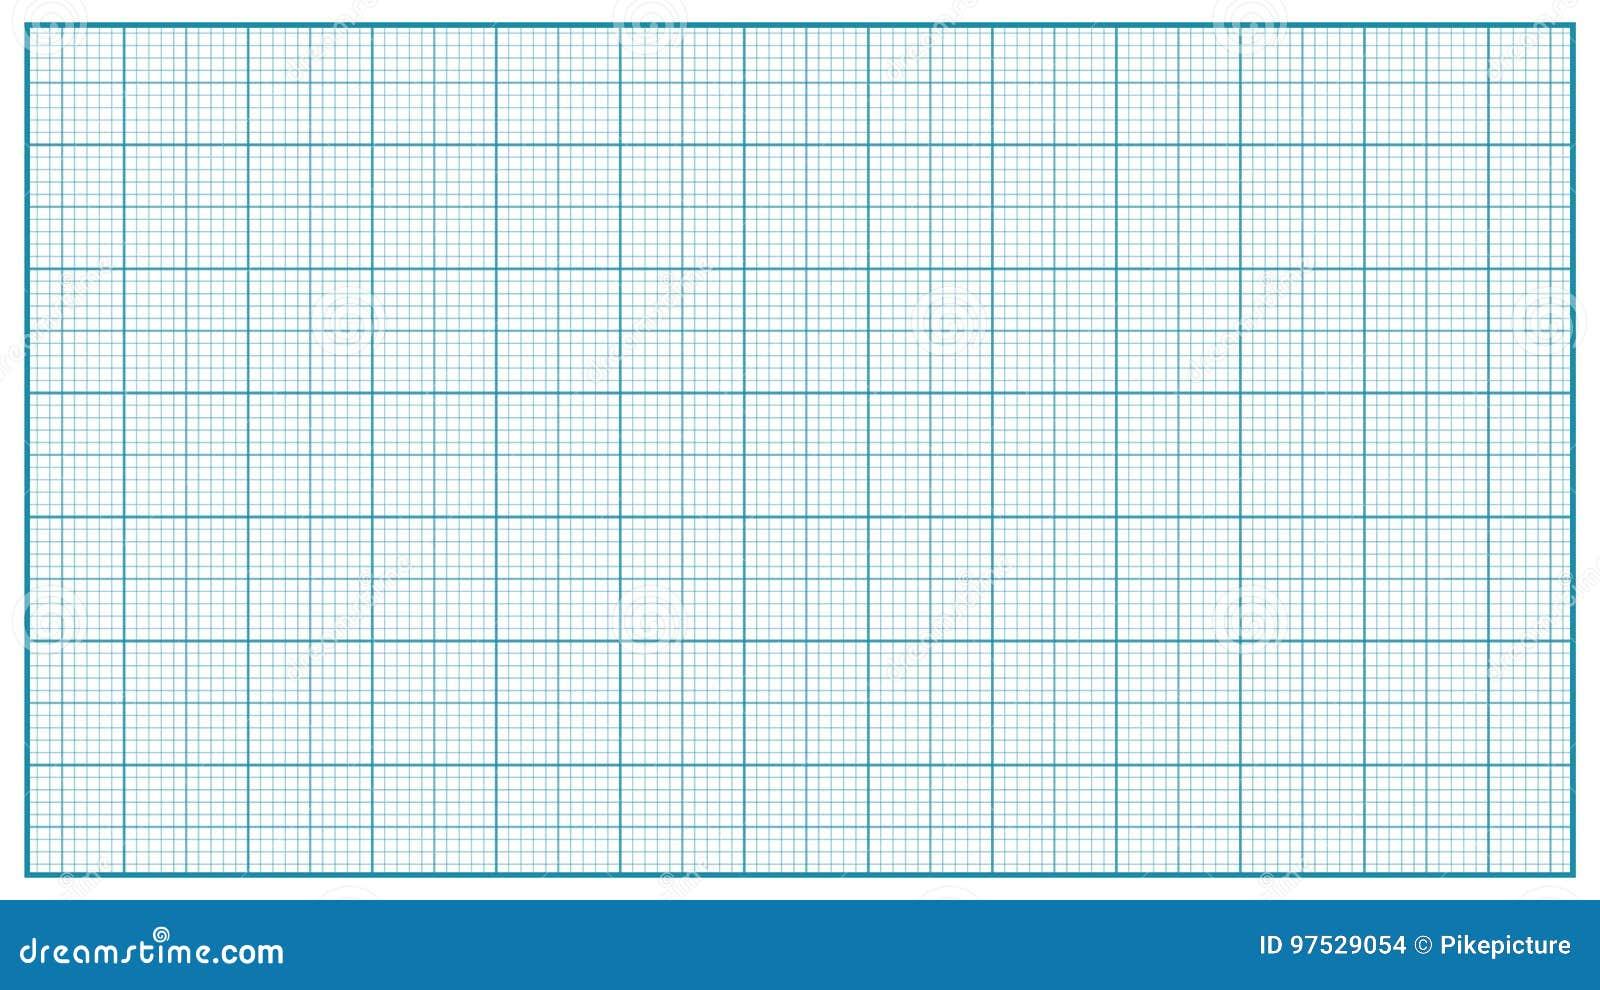 Vetor de papel do milímetro azul Papel de representação gráfica para a educação, projetos de tiragem Medida clássica do papel da